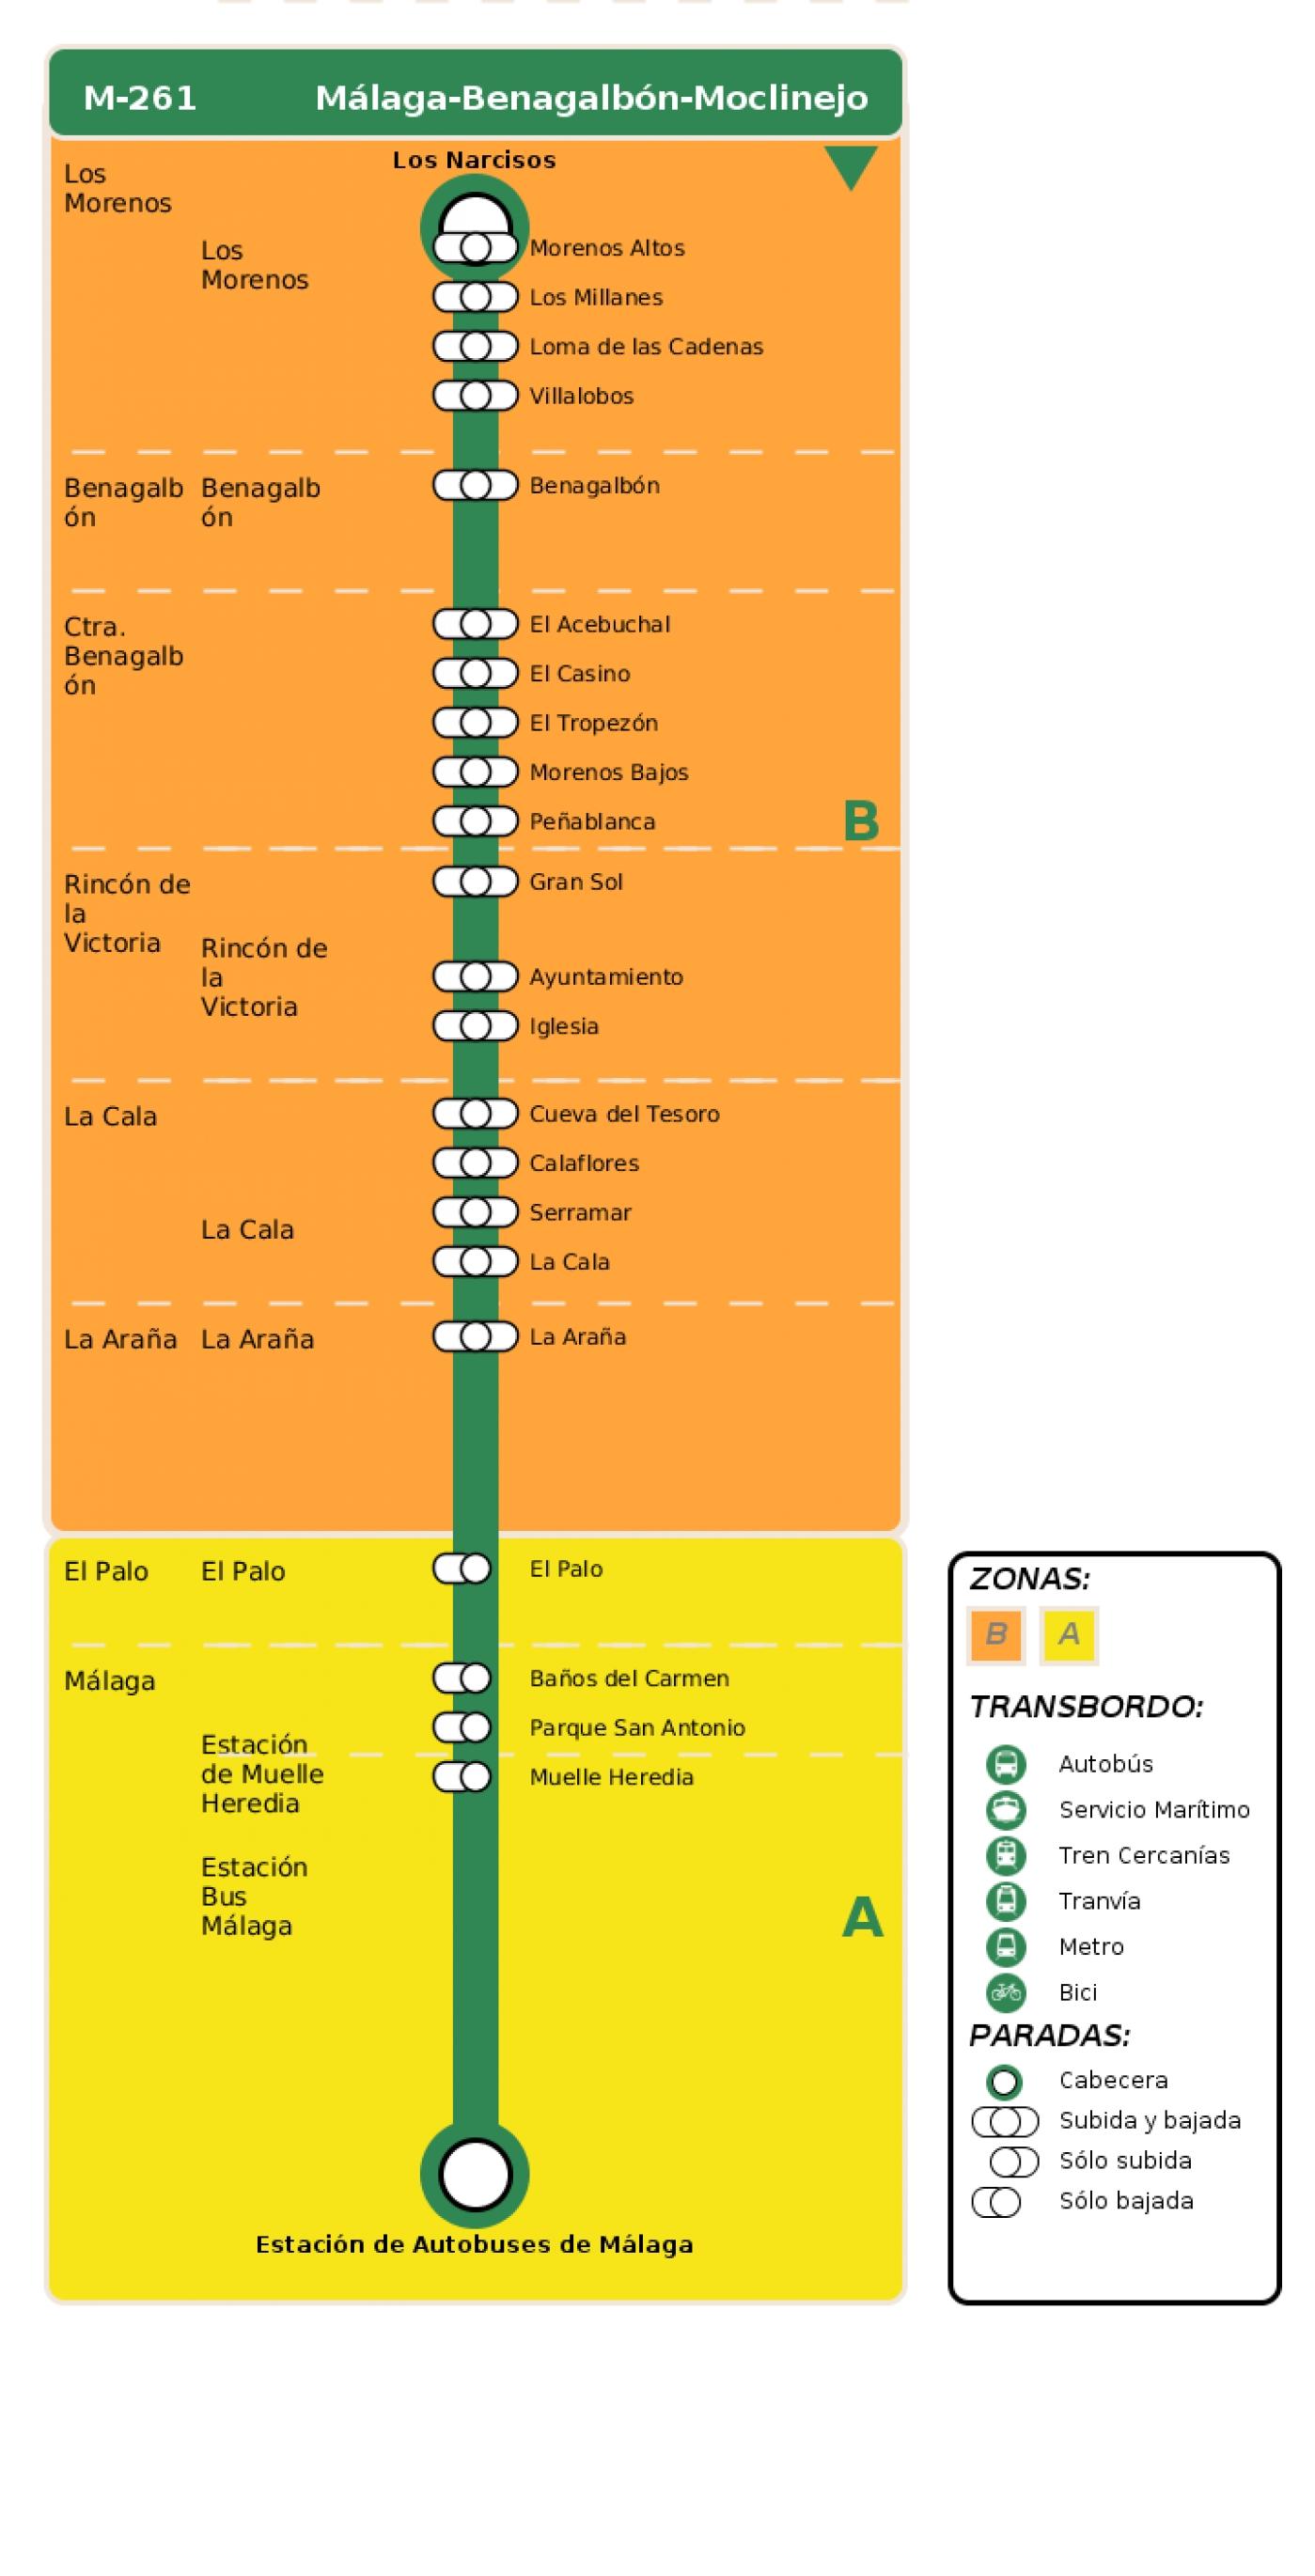 Recorrido esquemático, paradas y correspondencias en sentido vuelta Línea M-261: Málaga - Benagalbón - Moclinejo